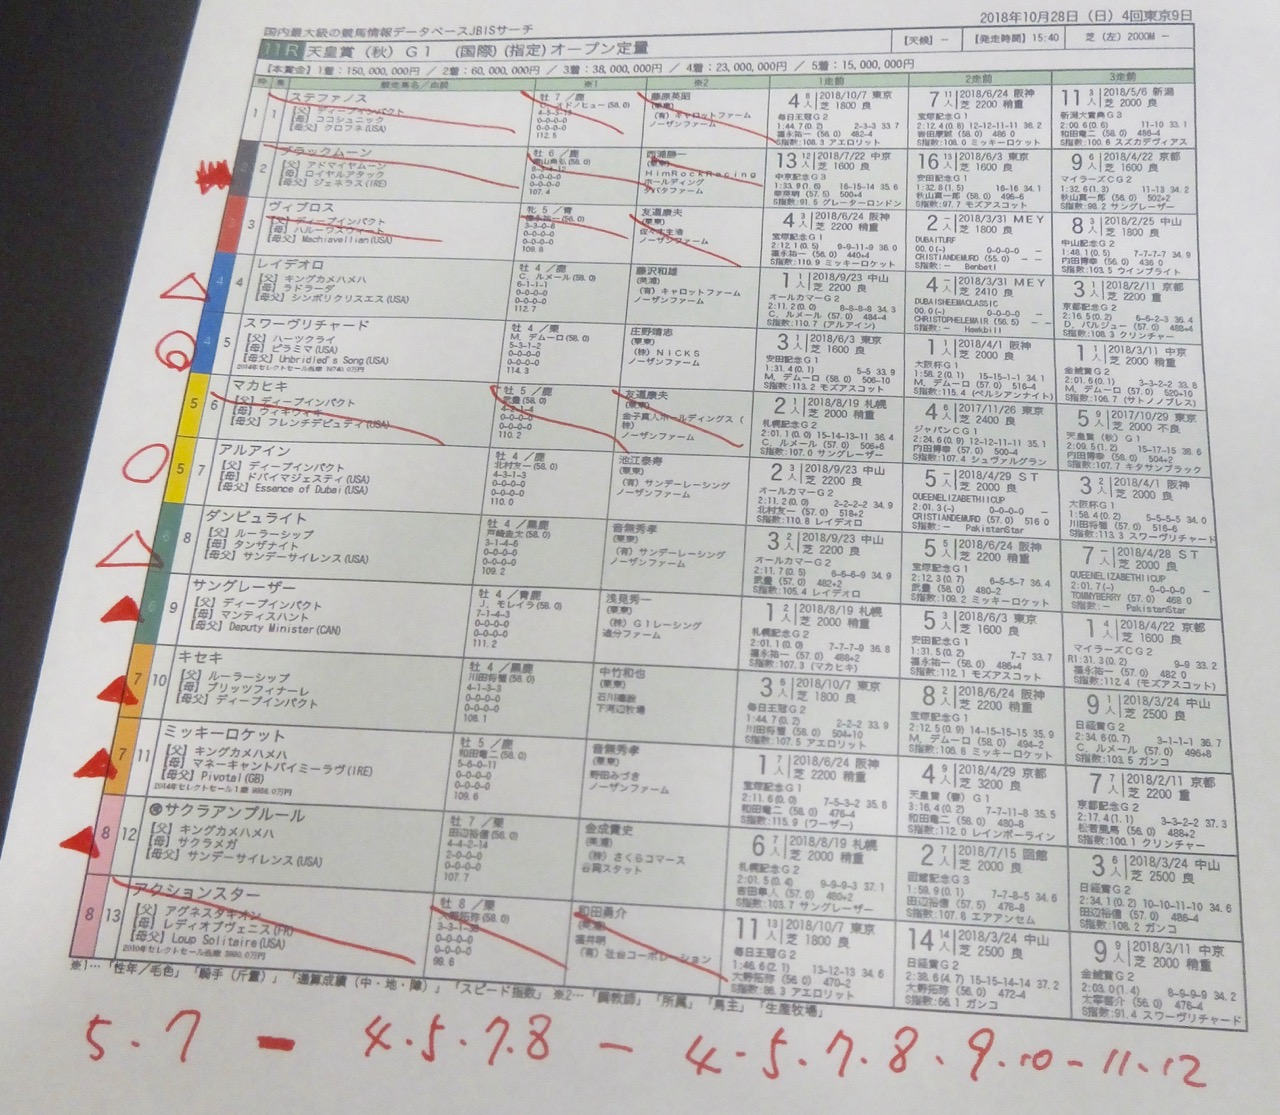 東京11レース、GI天皇賞秋(芝2000m)競馬予想。馬券本命、ハーツクライ産駒スワーヴリチャード(M.デムーロ騎手、庄野靖志厩舎)2018.10.28